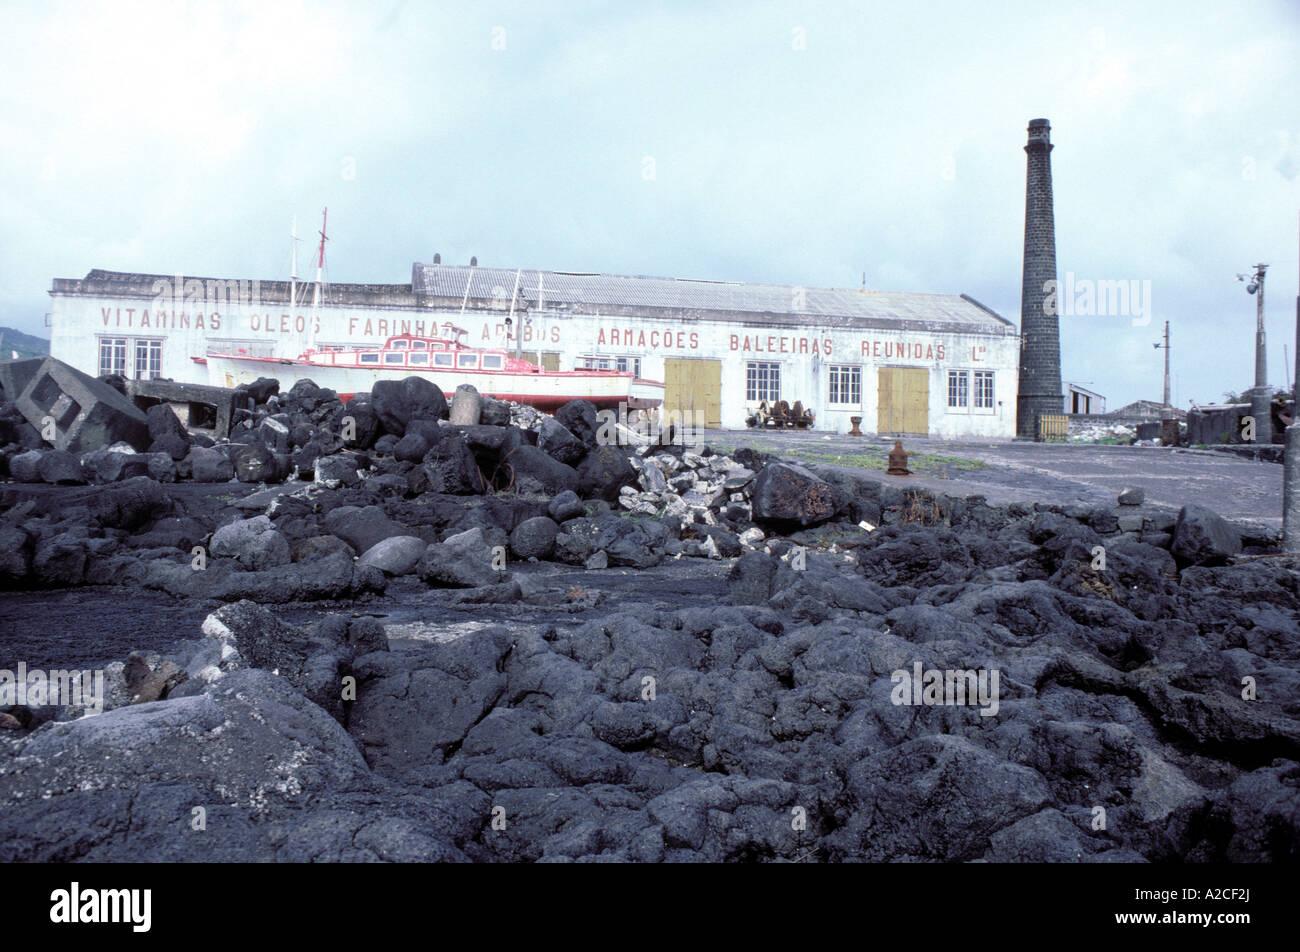 La estación ballenera abandonada plagada de huesos de ballena Foto de stock